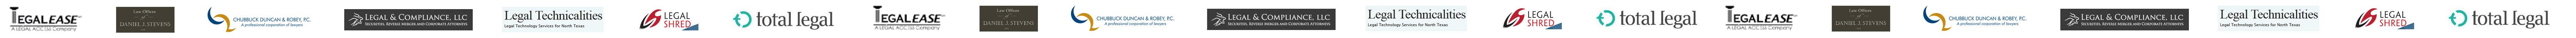 clientslogoscroll-law